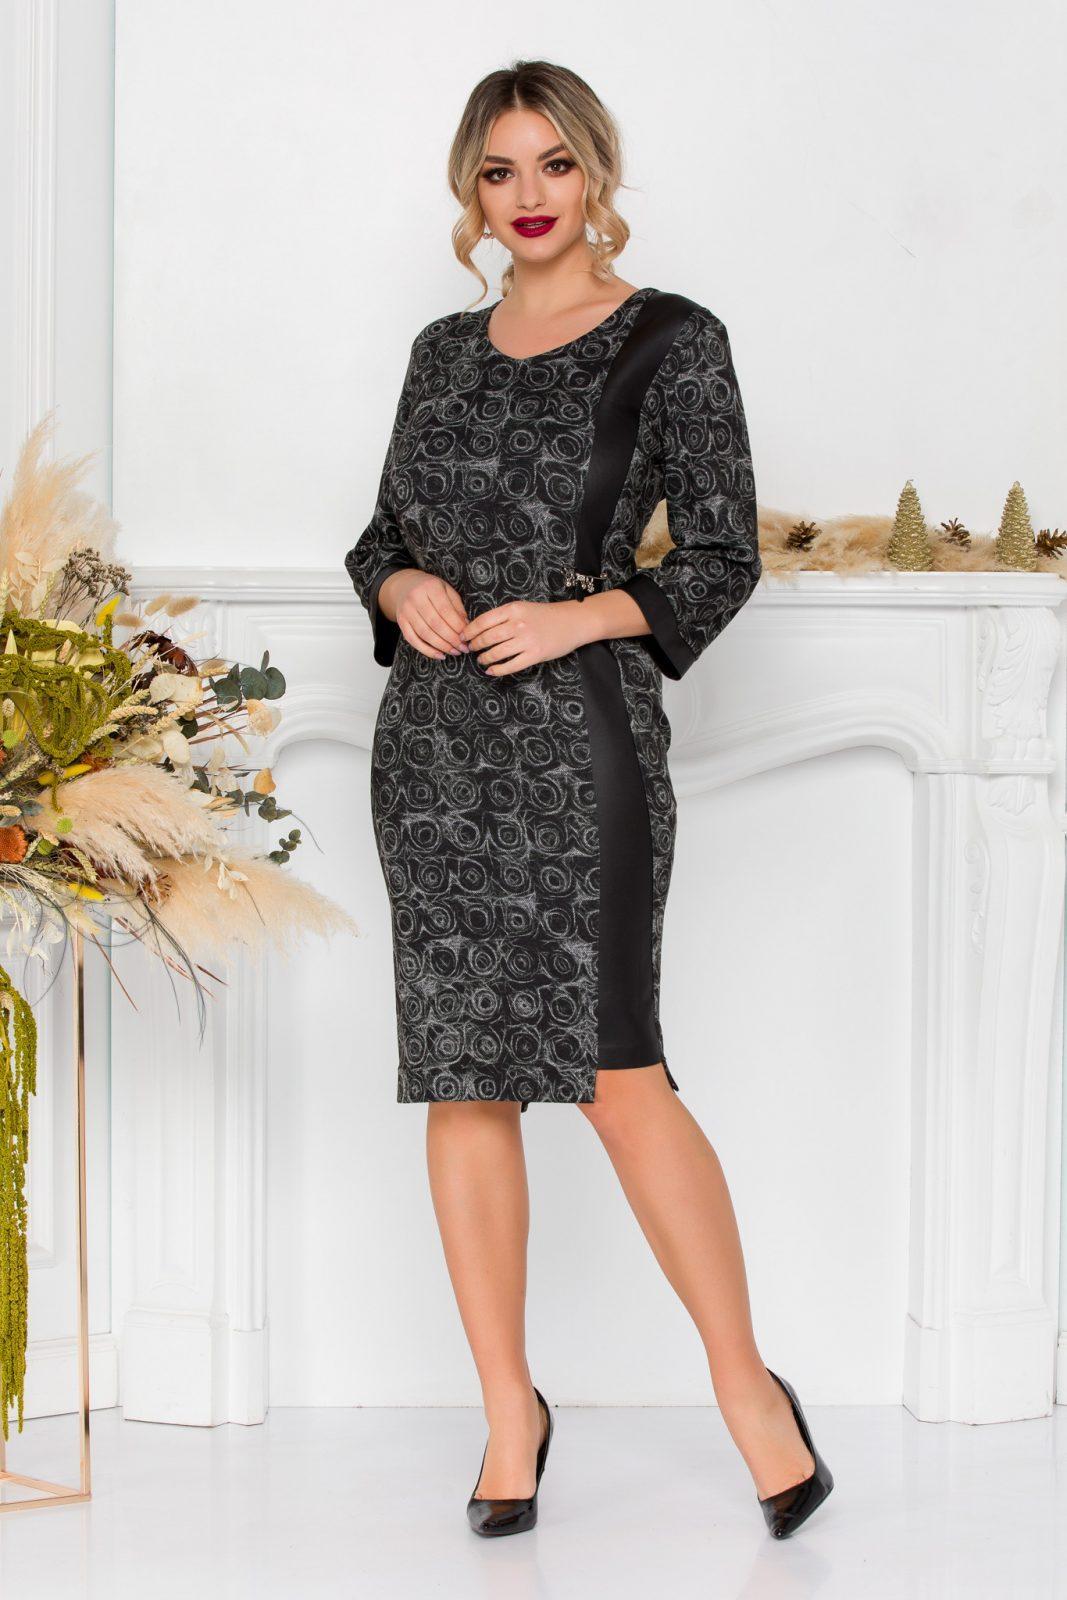 Μαύρο Πλεκτό Φόρεμα Με Δερματίνη Katalina 8910 1